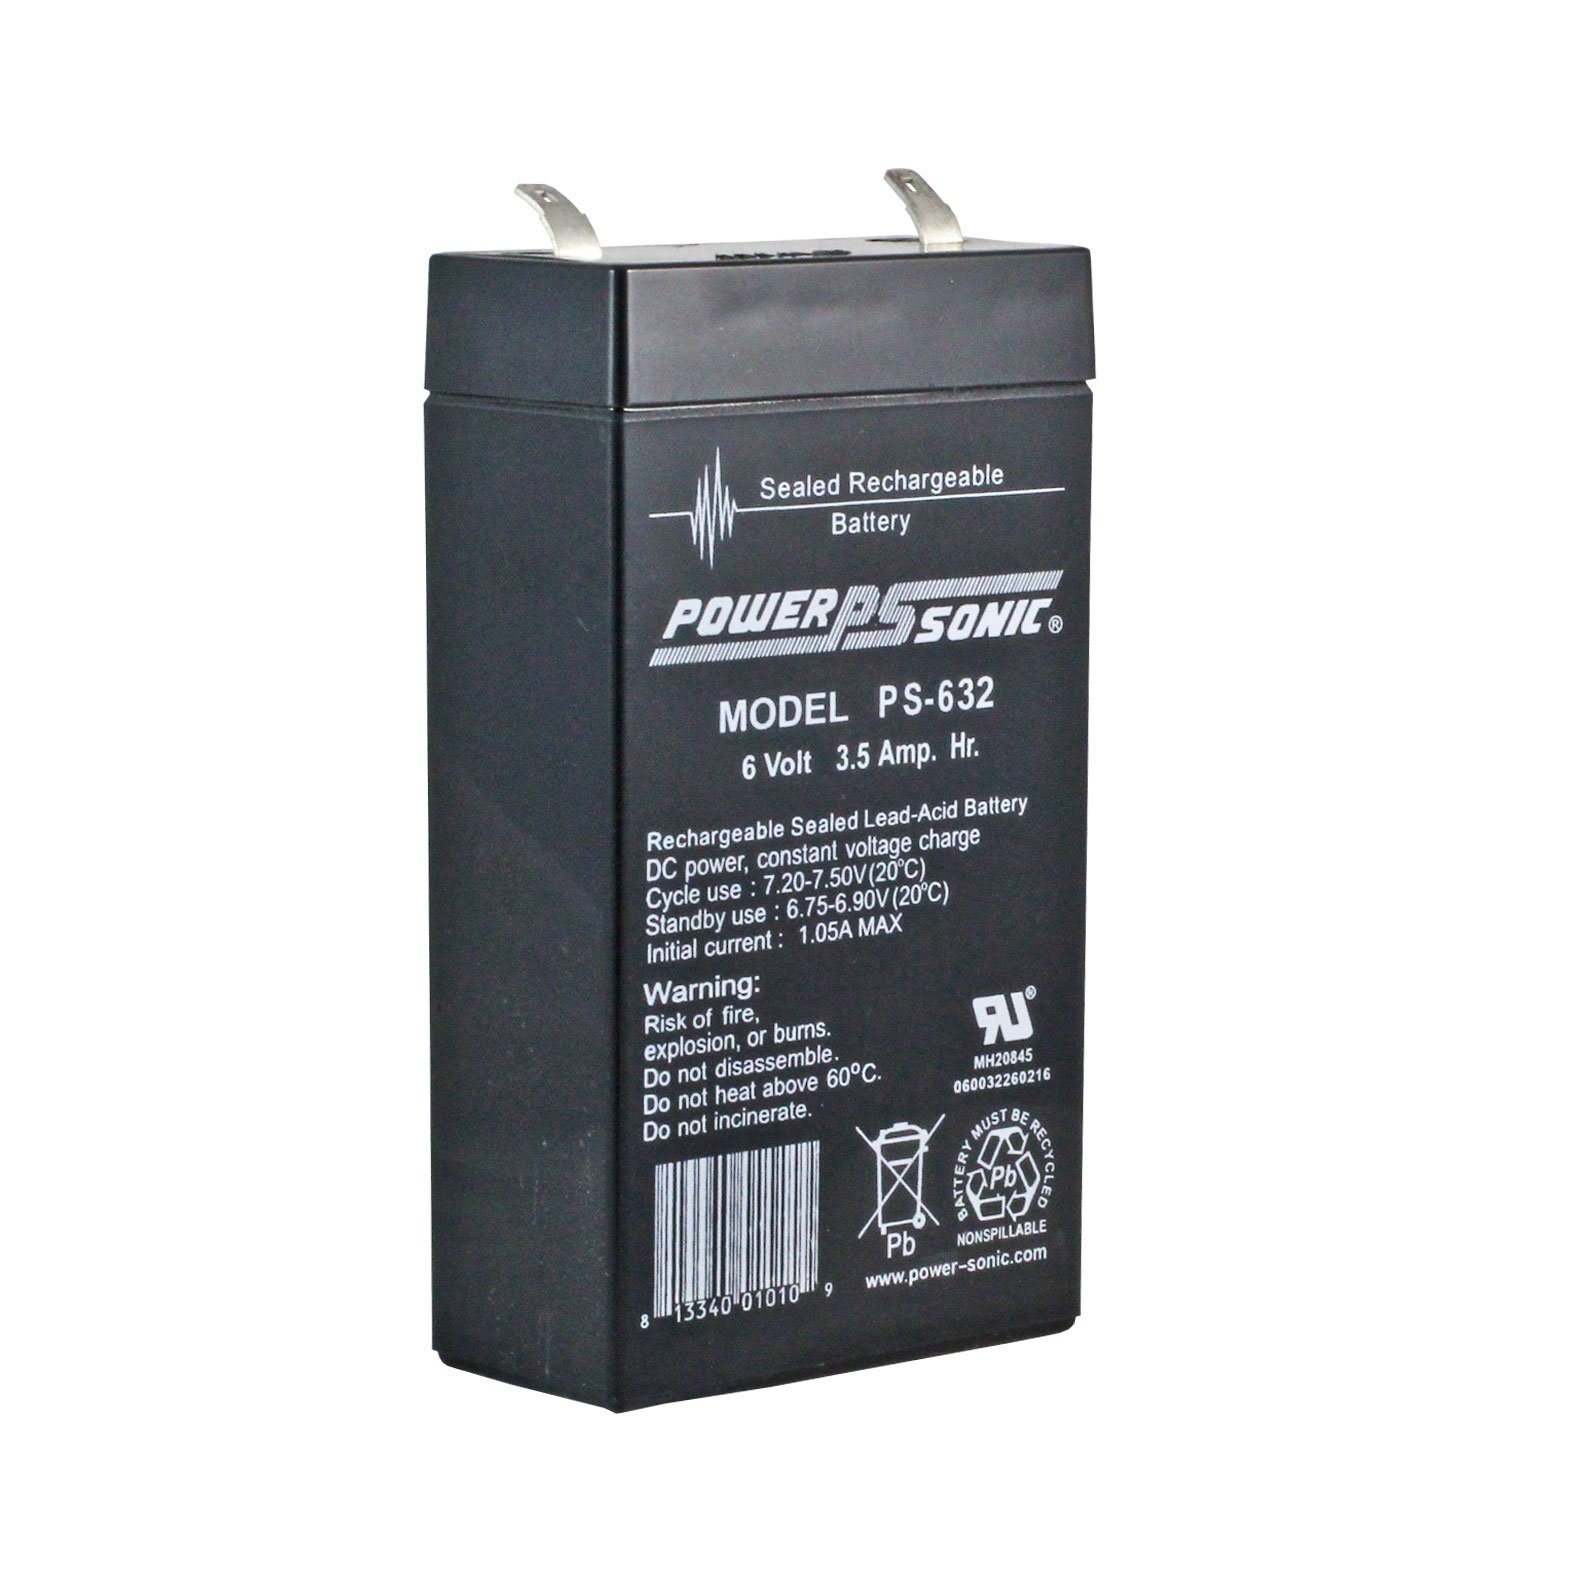 6 volt 3 2 ah sealed lead acid rechargeable battery f1. Black Bedroom Furniture Sets. Home Design Ideas